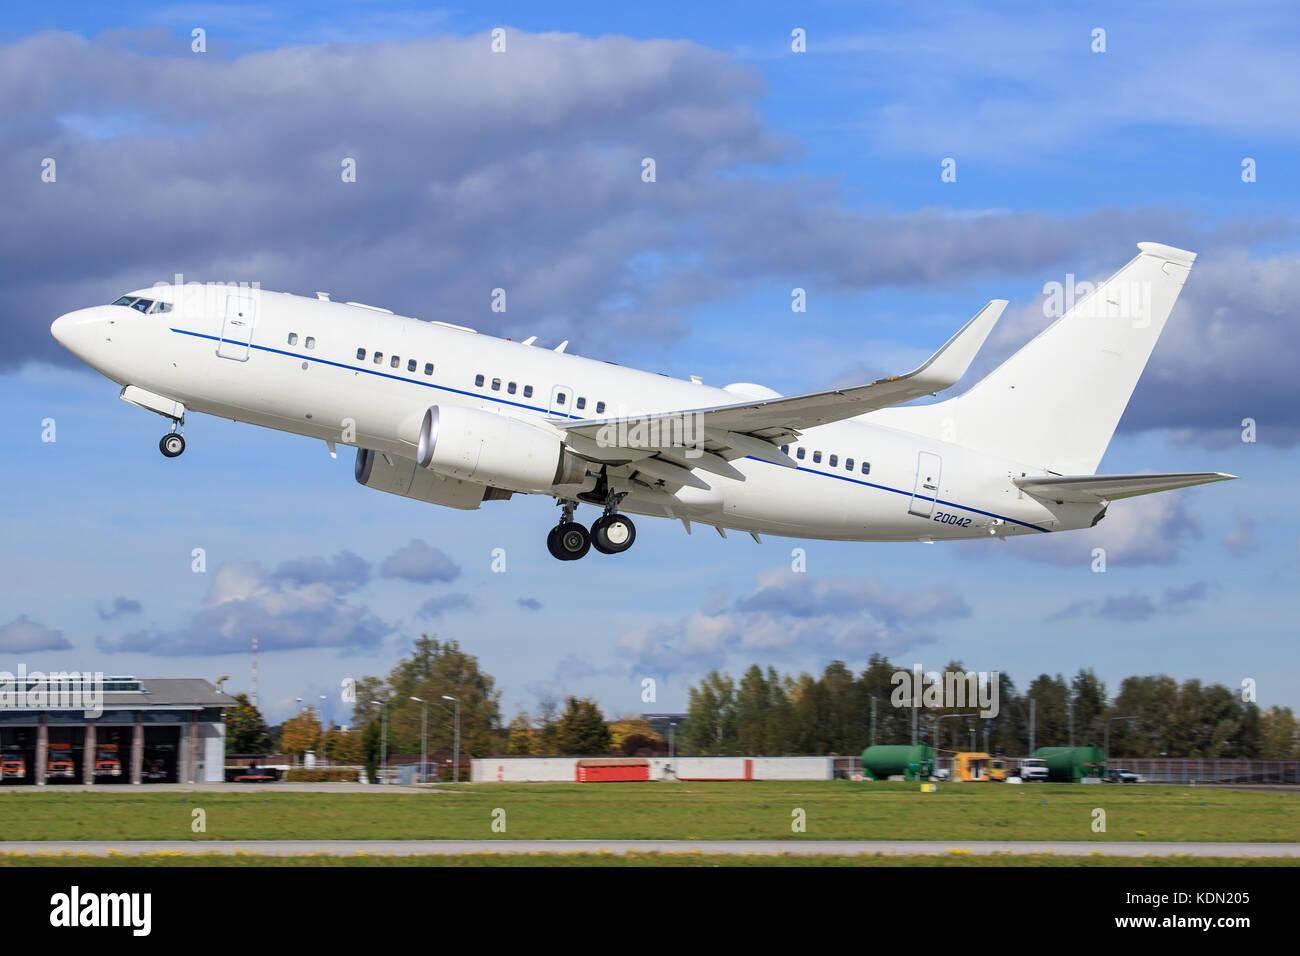 Stuttgart/Germany September 29, 2017: Usaf Boeing C-40 at Stuttgart Airport. - Stock Image